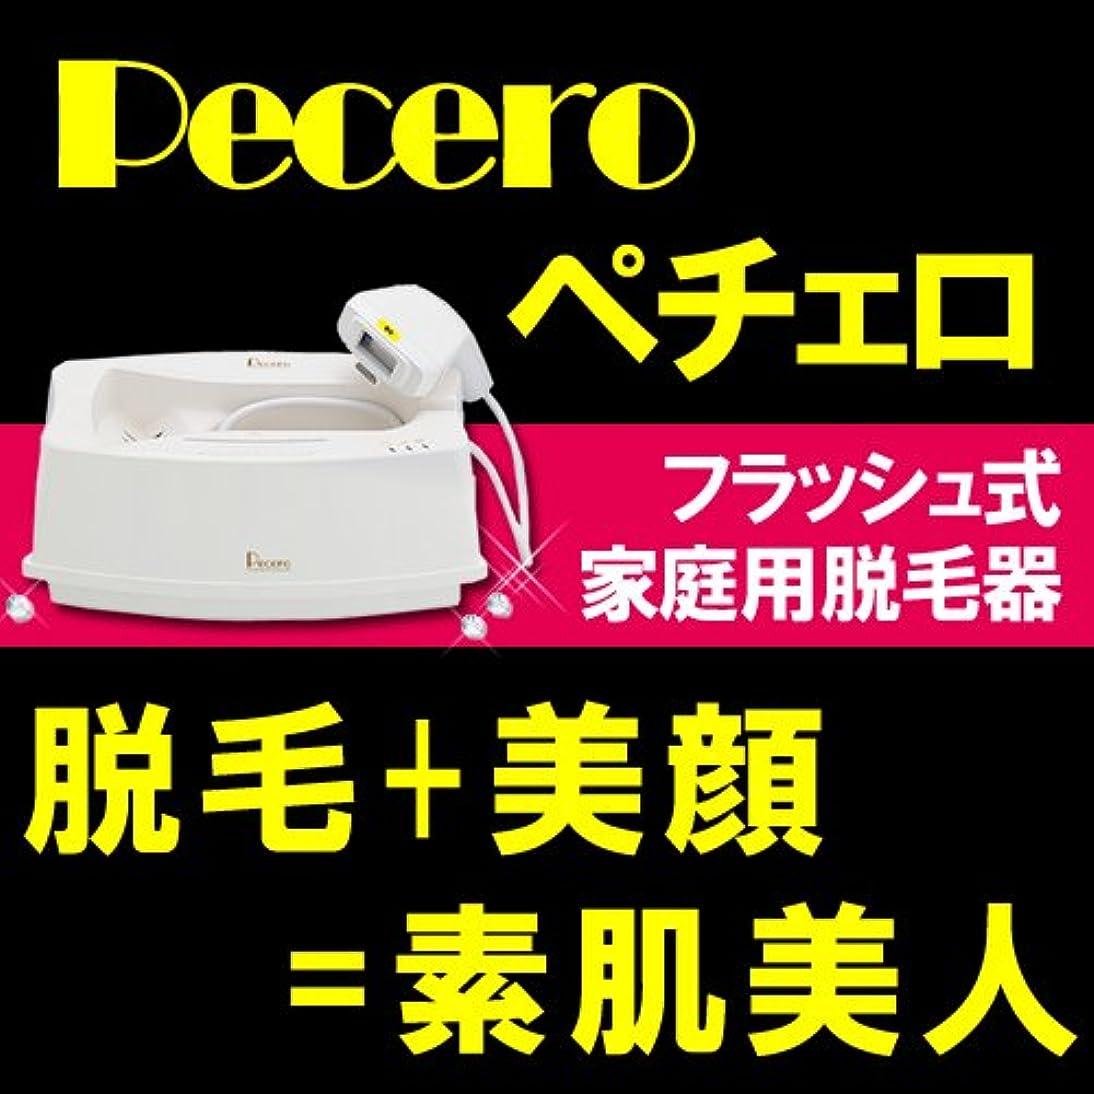 消化器可動式スカープ家庭用脱毛器ペチェロ(pecero)